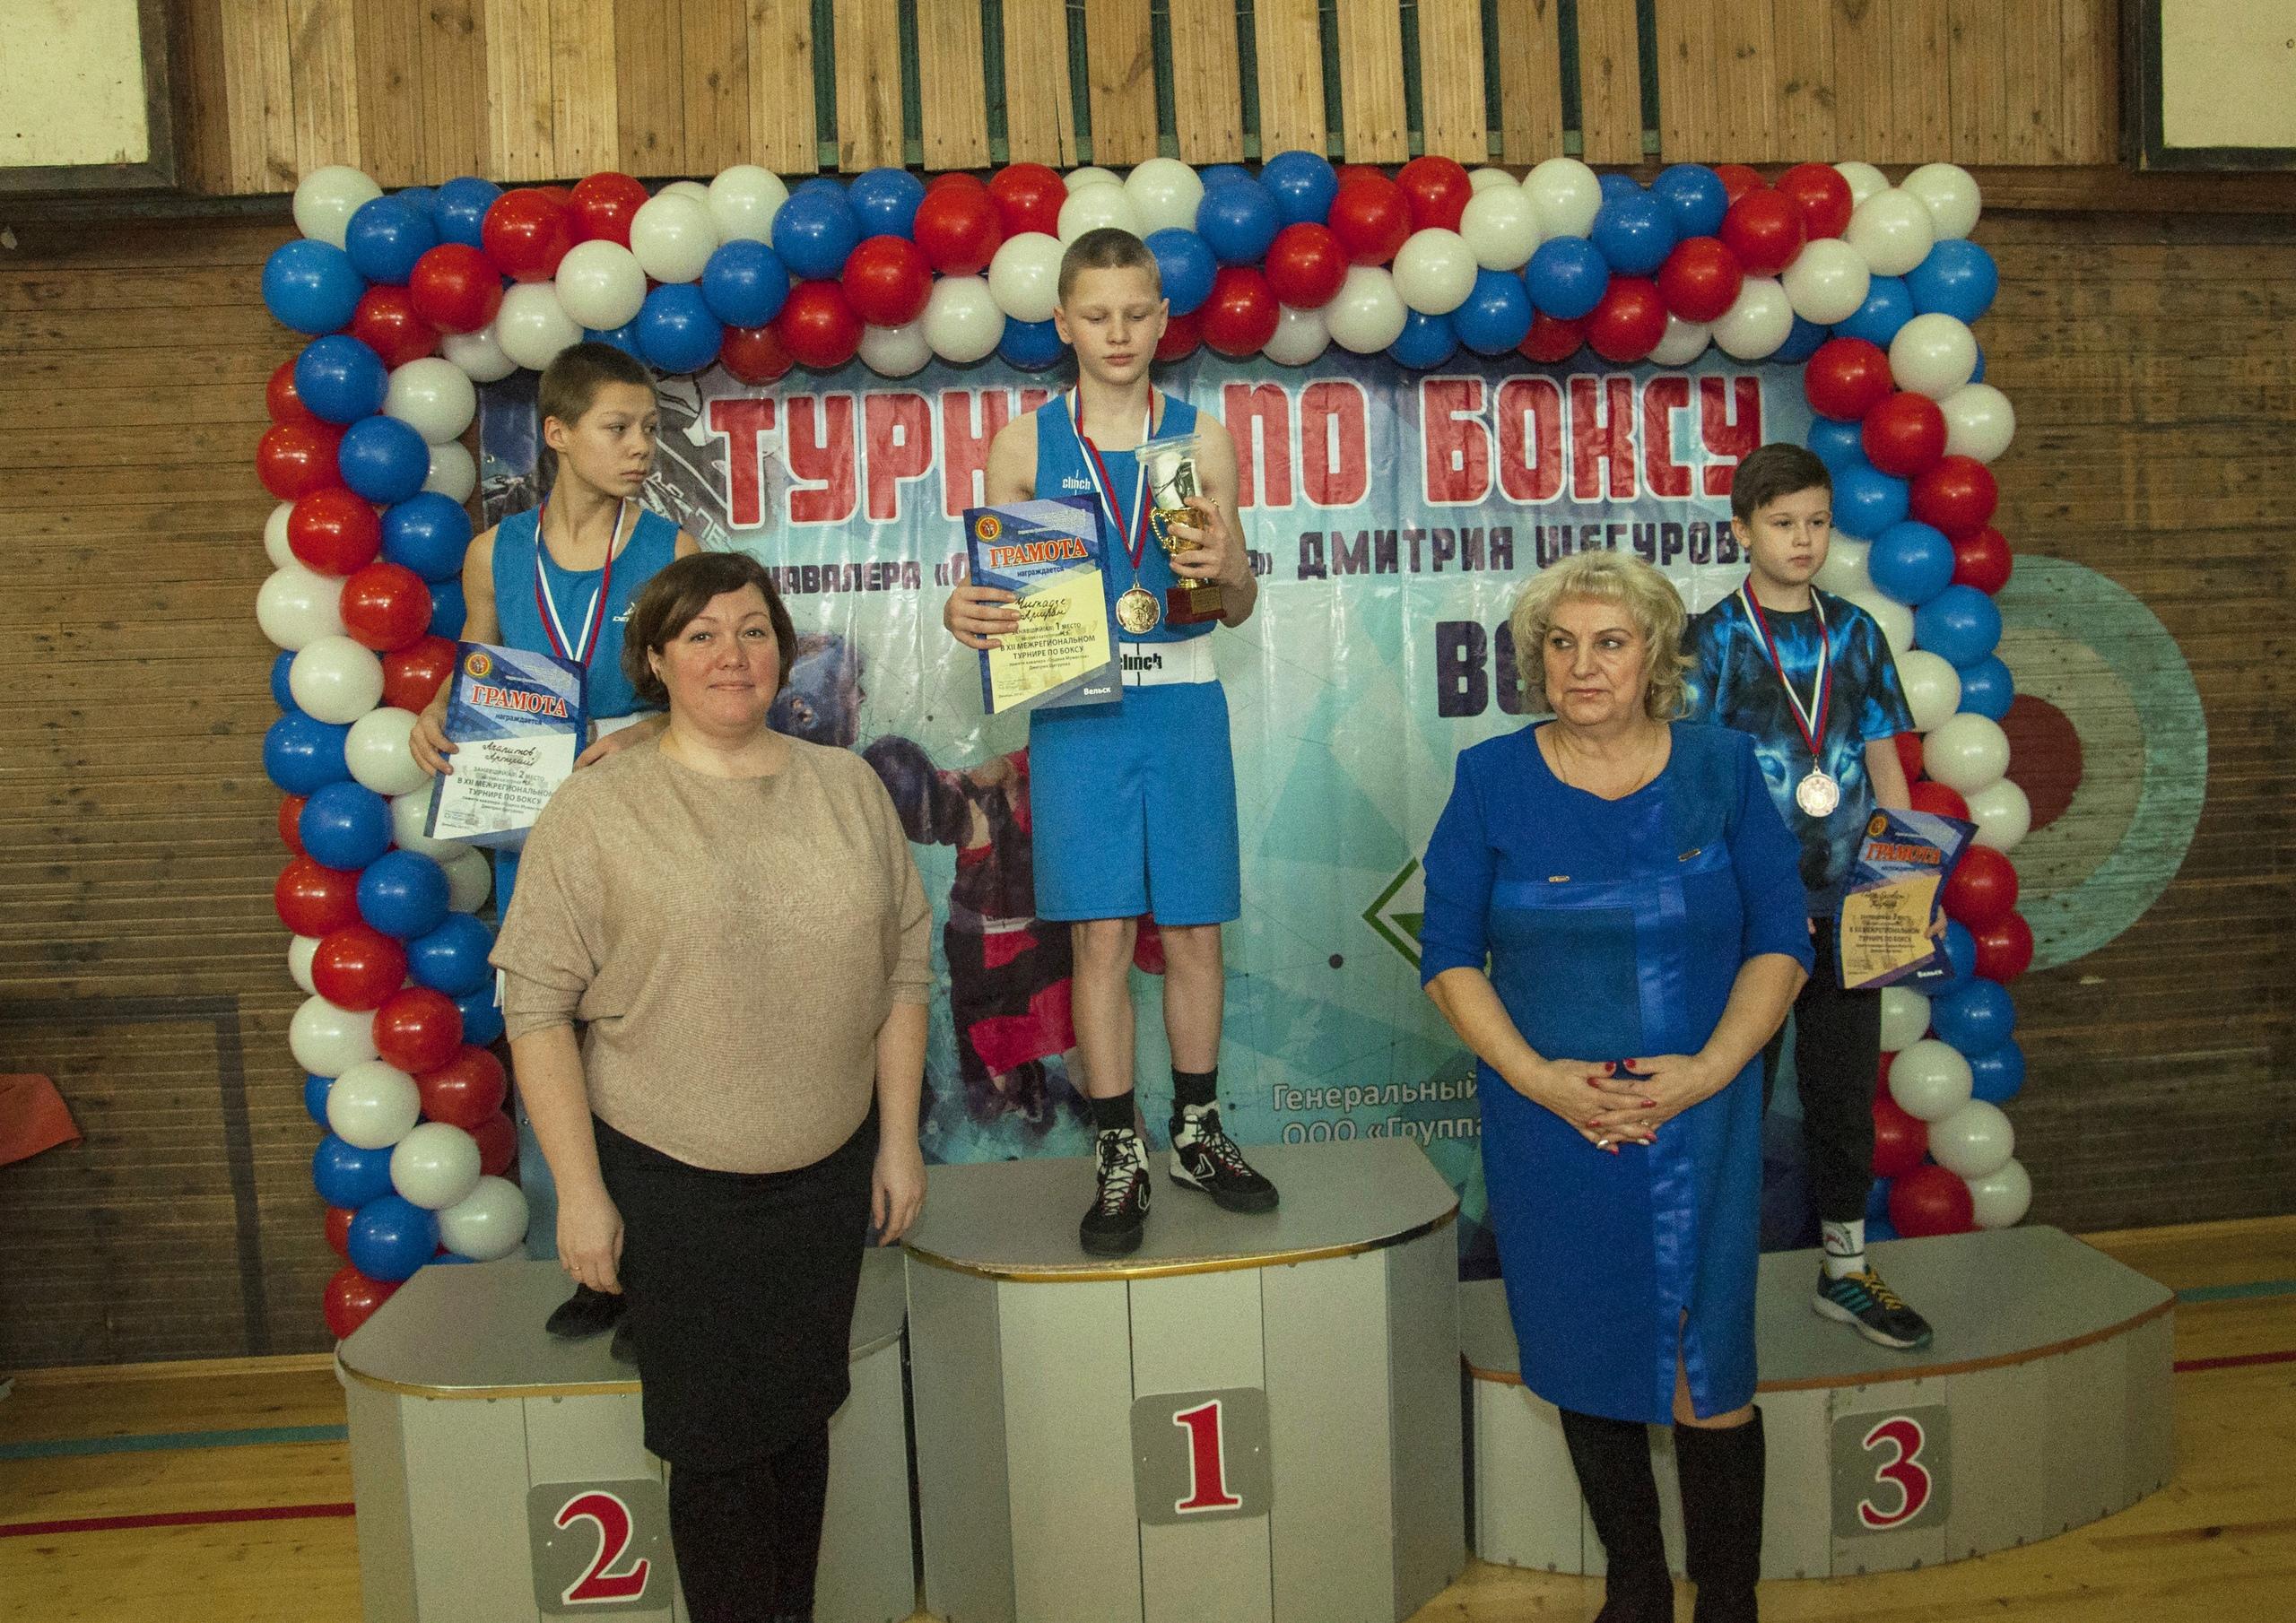 Фотоотчет с 12-го турнира по боксу памяти кавалера «Ордена Мужества» Дмитрия Щегурова (Вельск 2019).